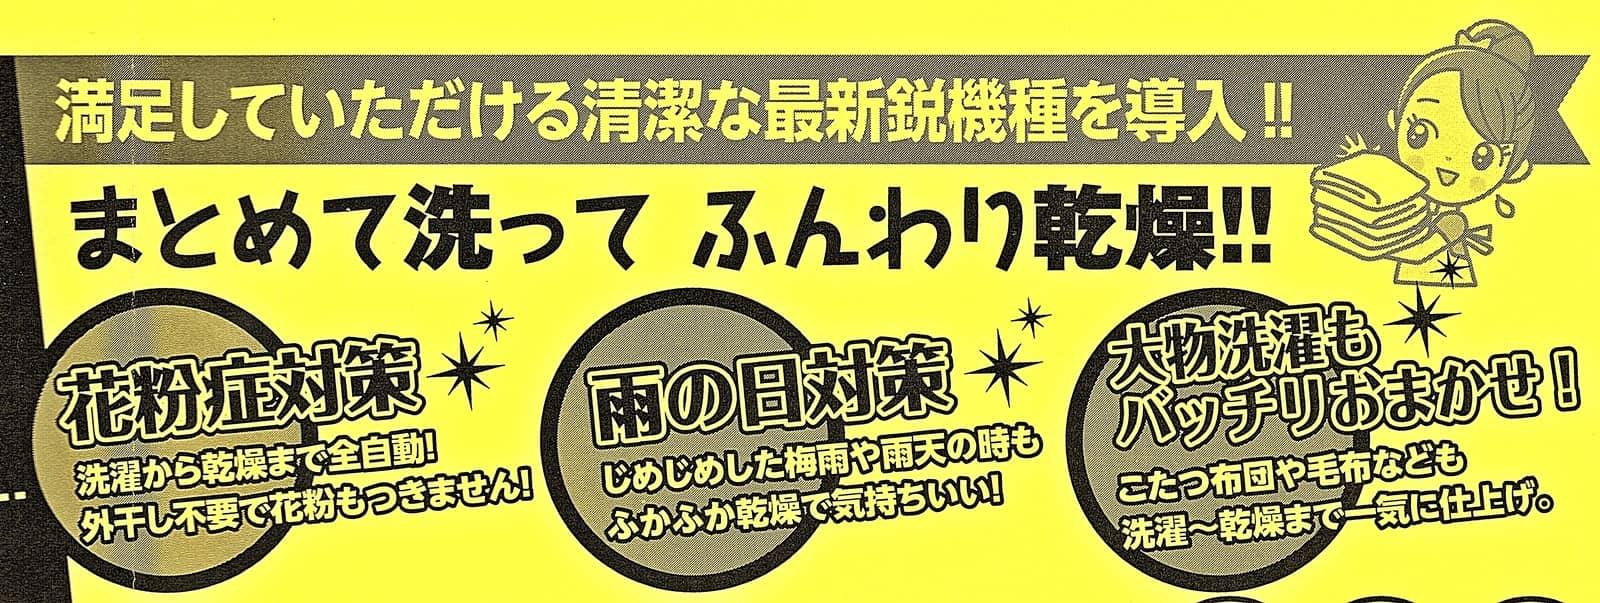 ふわふわランド大社店 チラシ1